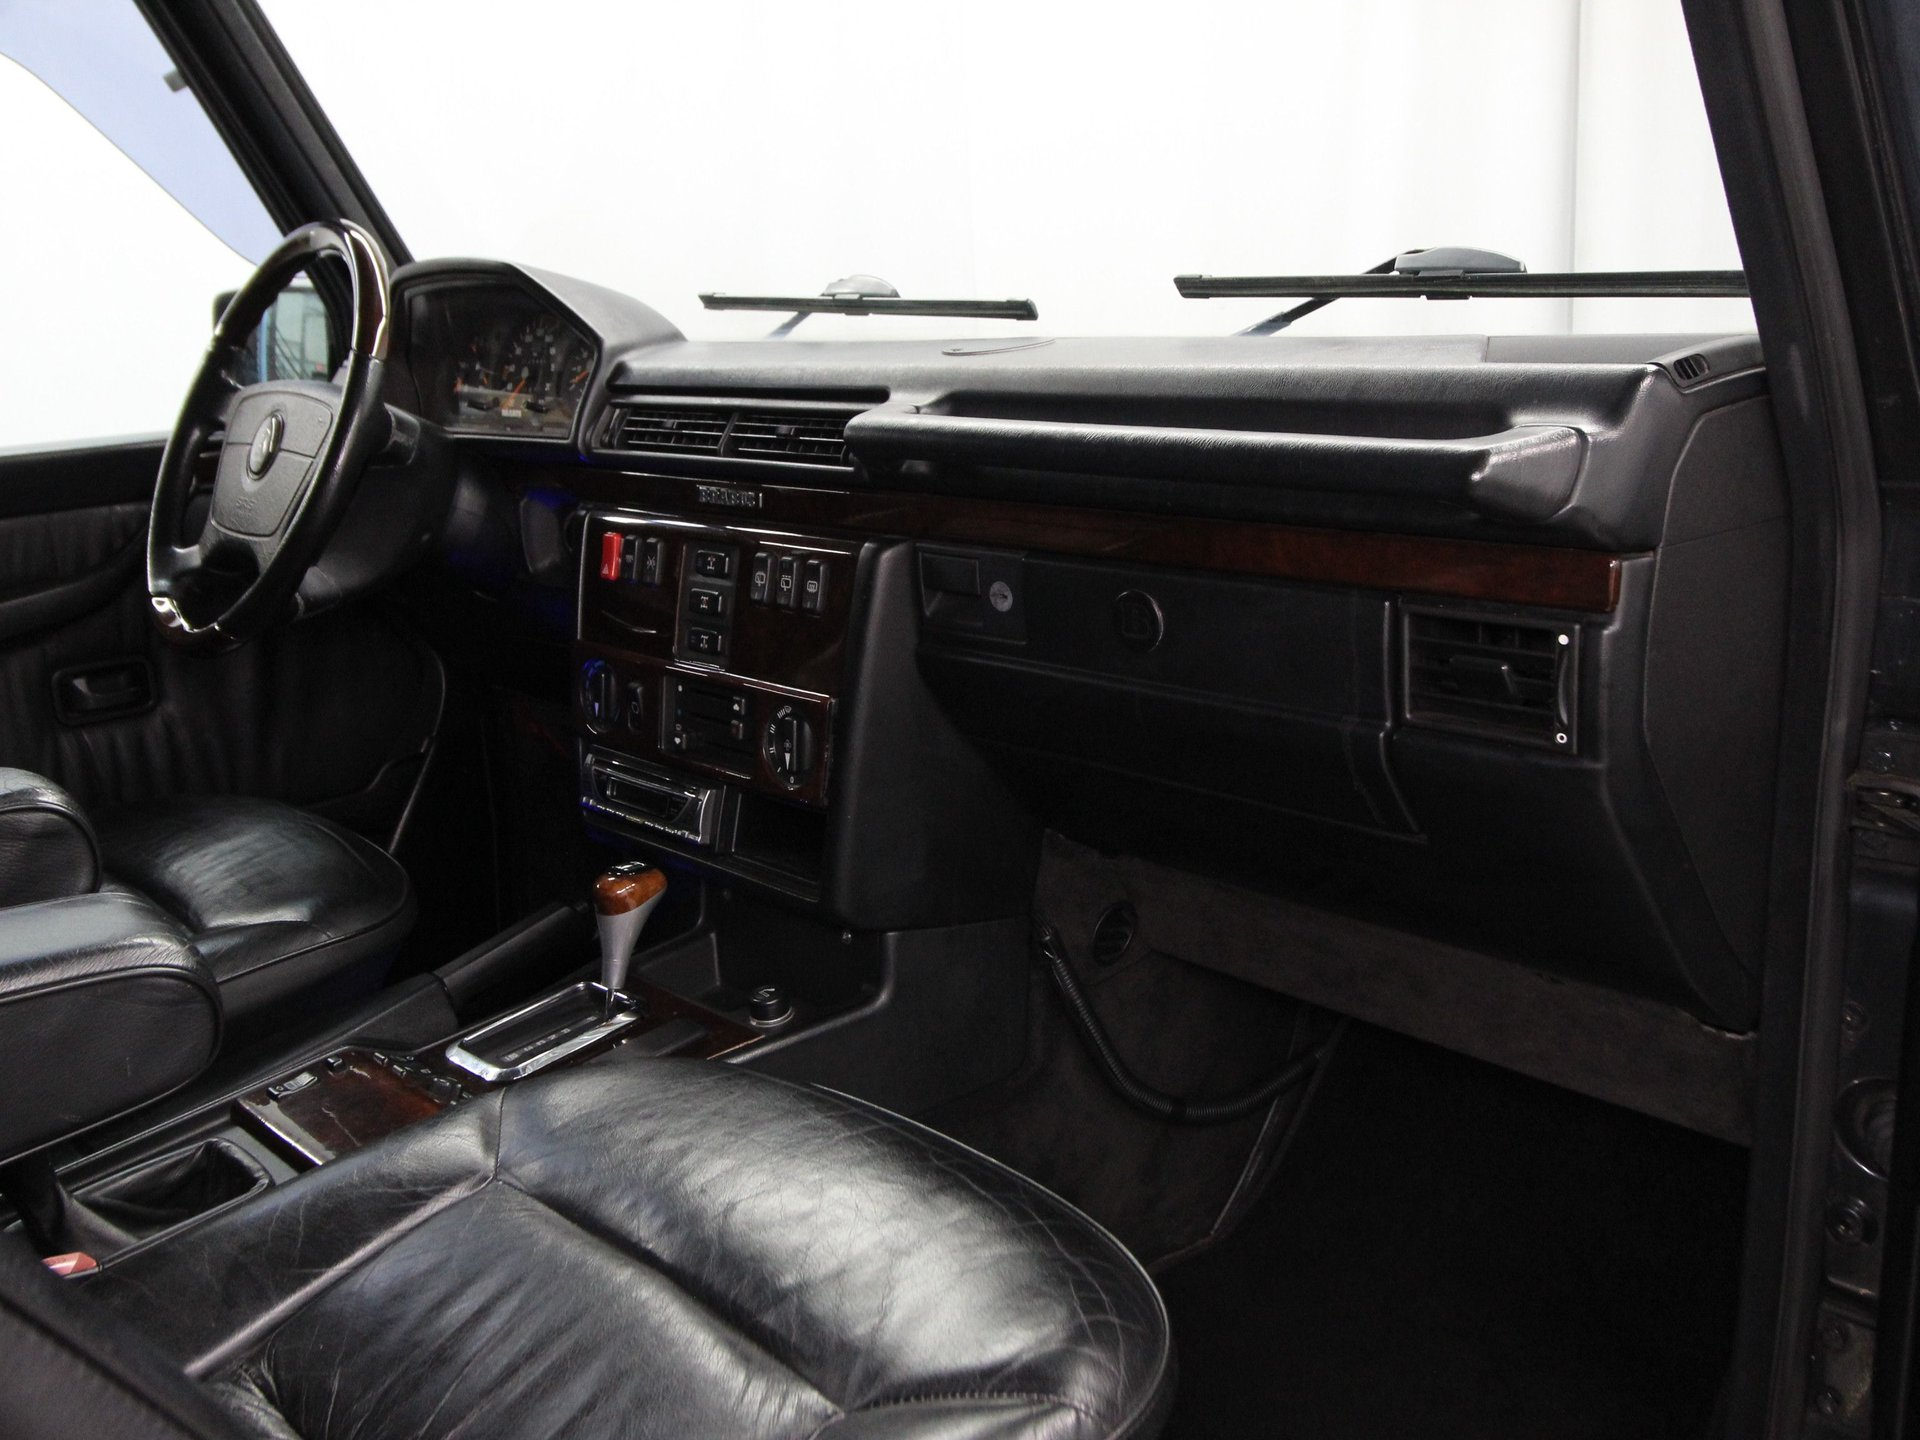 1996 Mercedes-Benz G 320